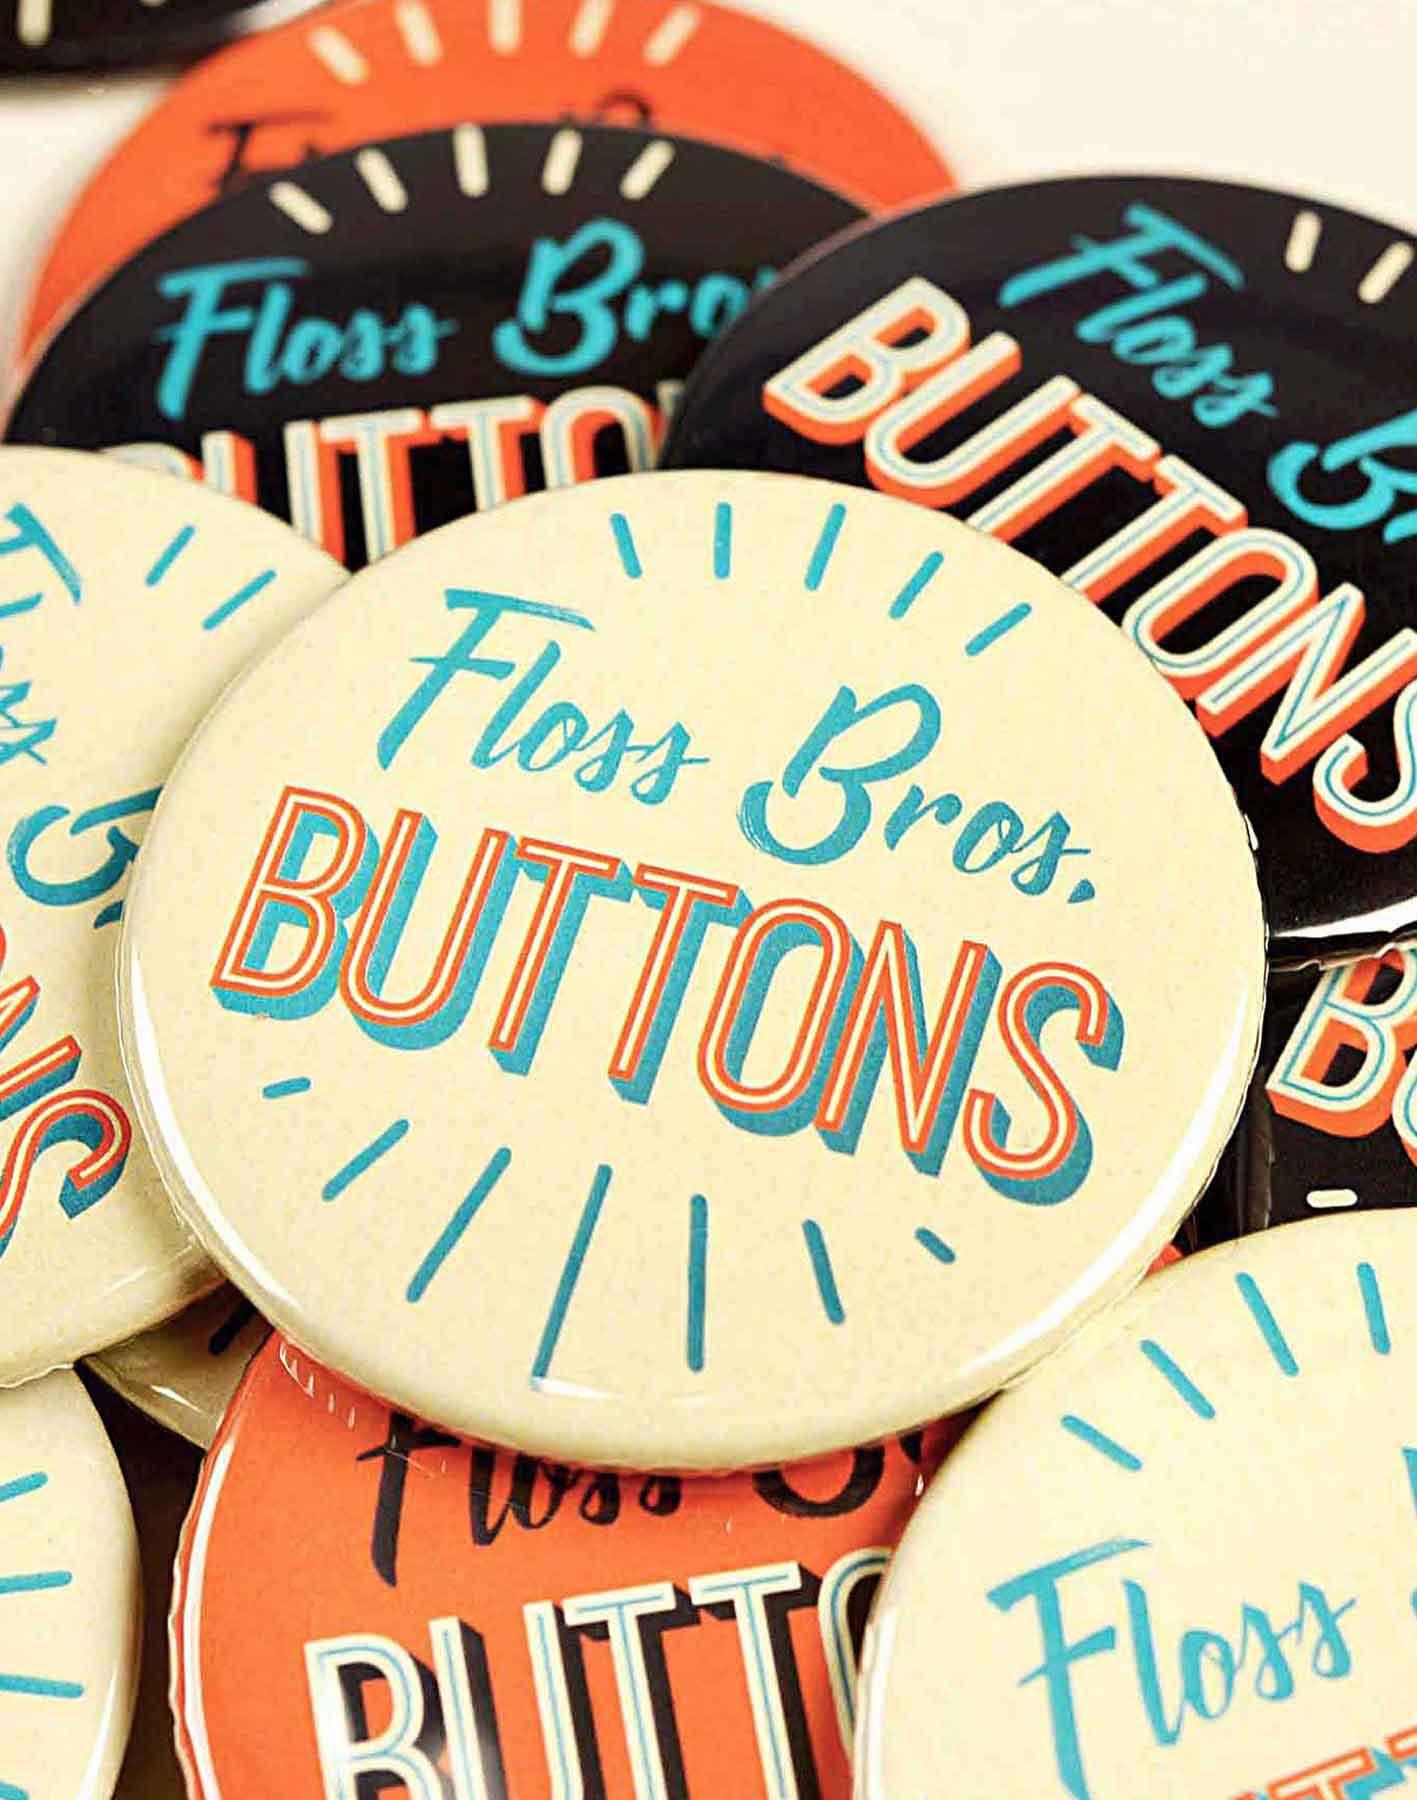 aktuelles-news-floss-bros-buttons-bestellen-bedrucken